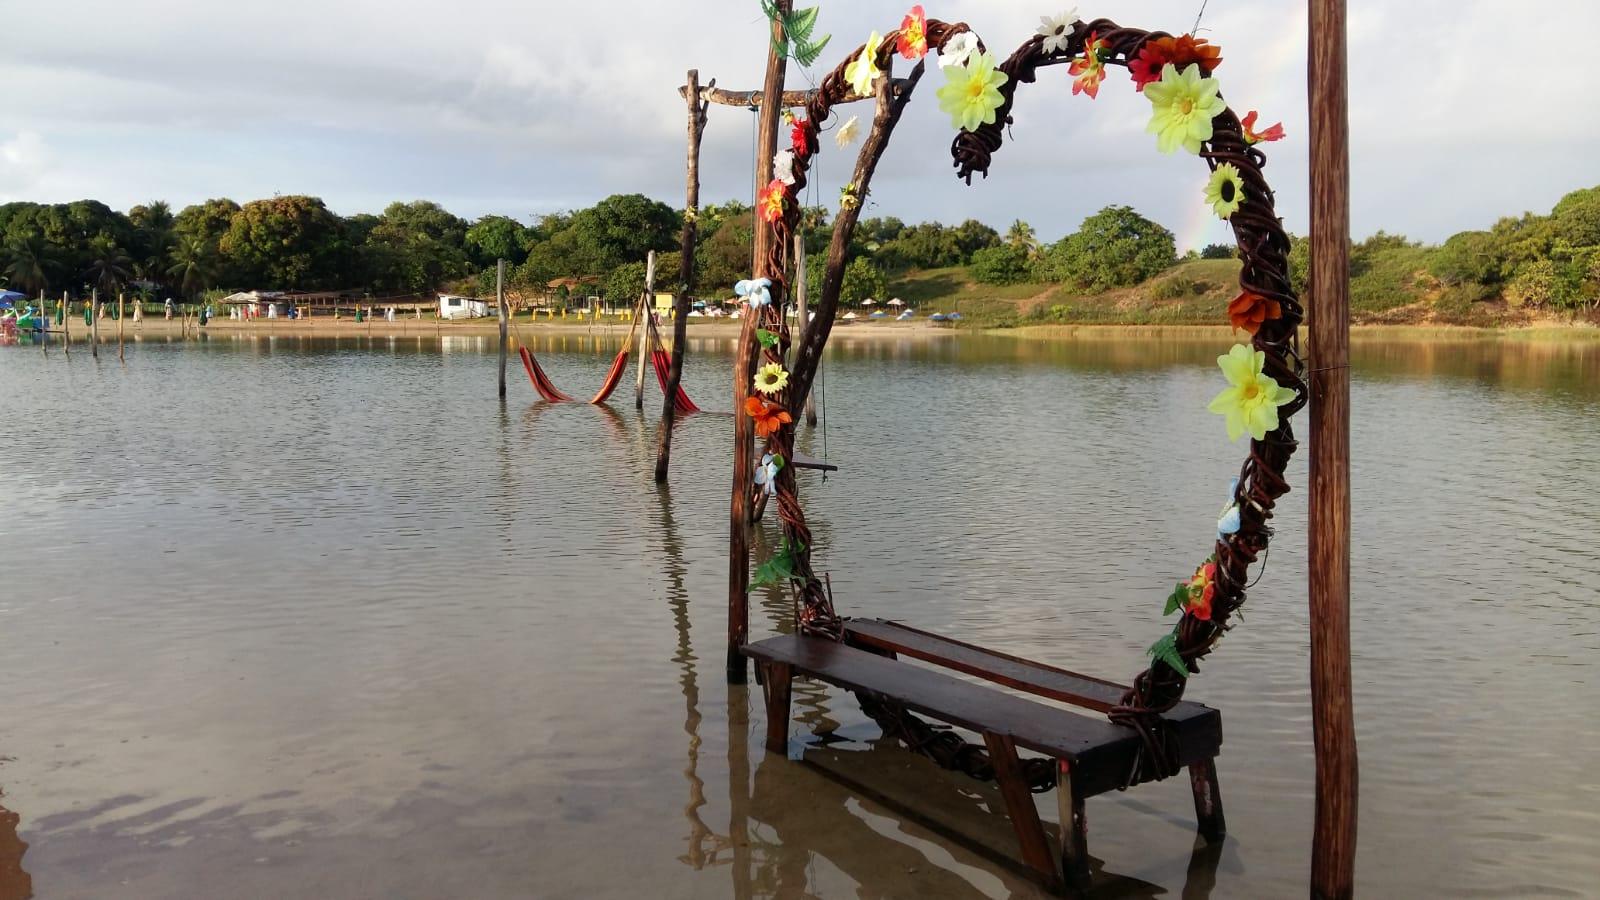 Lagoas e praias com piscinas naturais em Nísia Floresta